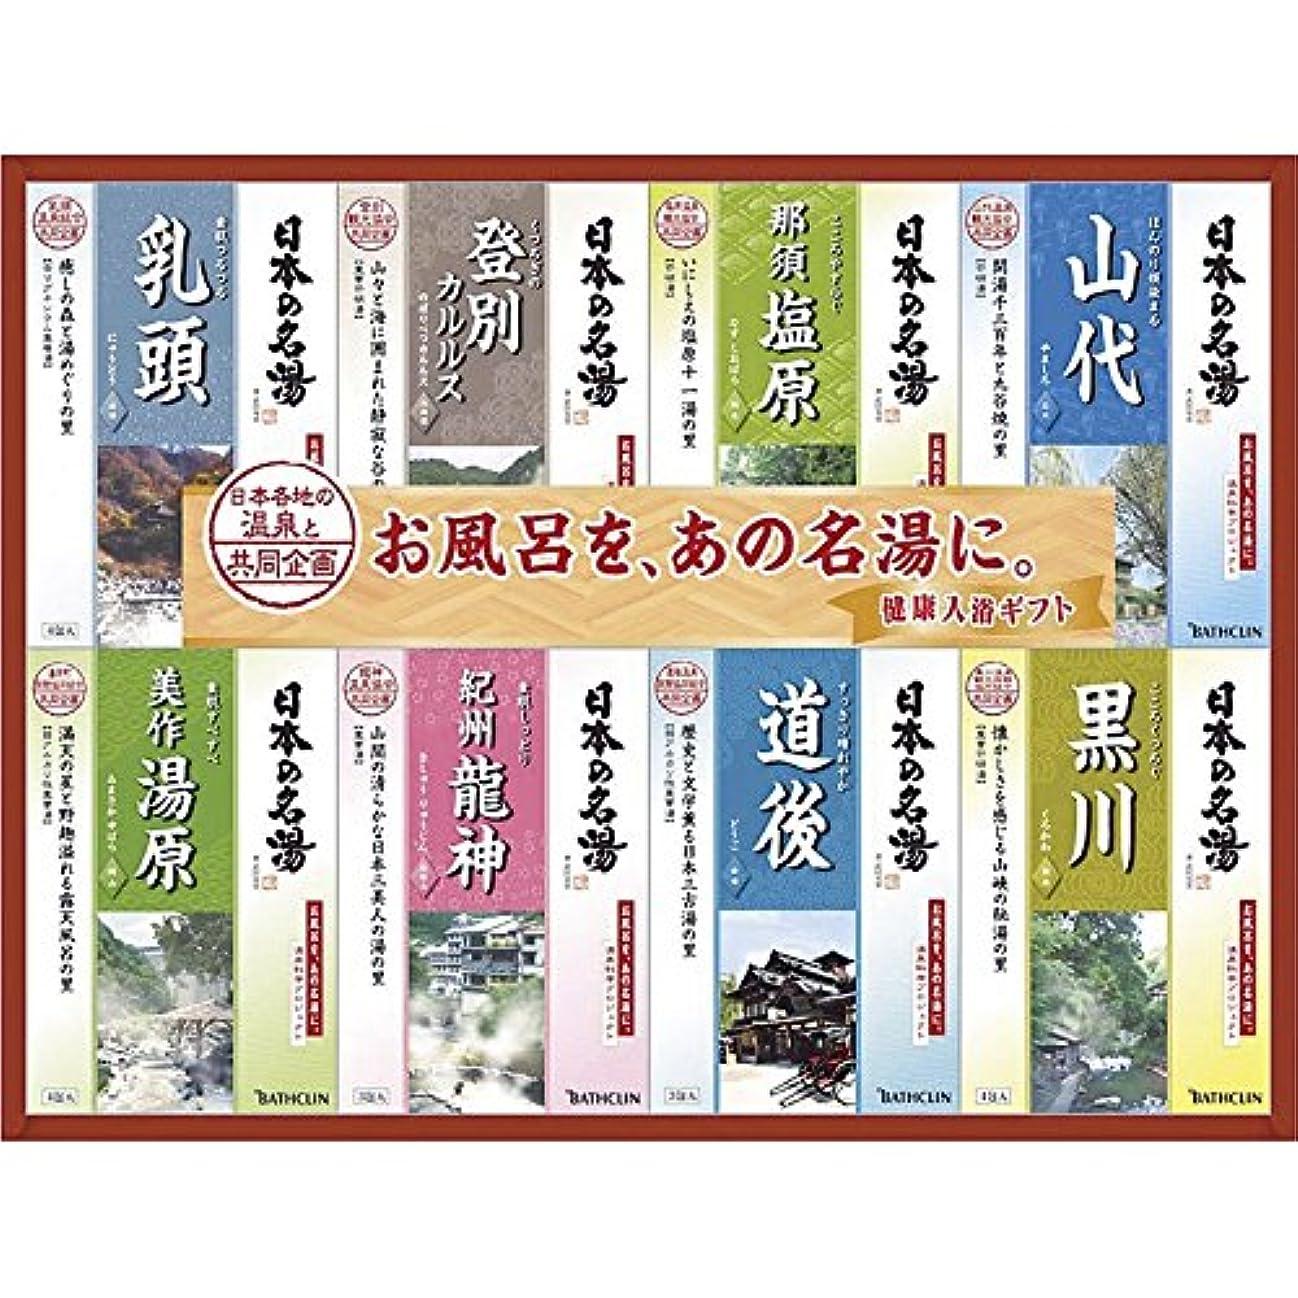 アカデミックによると有名人バスクリン 日本の名湯 ギフトセット 【保湿 ギフト 温泉 発汗 セット あったまる いろいろ うるおい うるおう しっとり すべすべ はっかん 極楽 ごくらく ゆったり ばすくりん 3000】